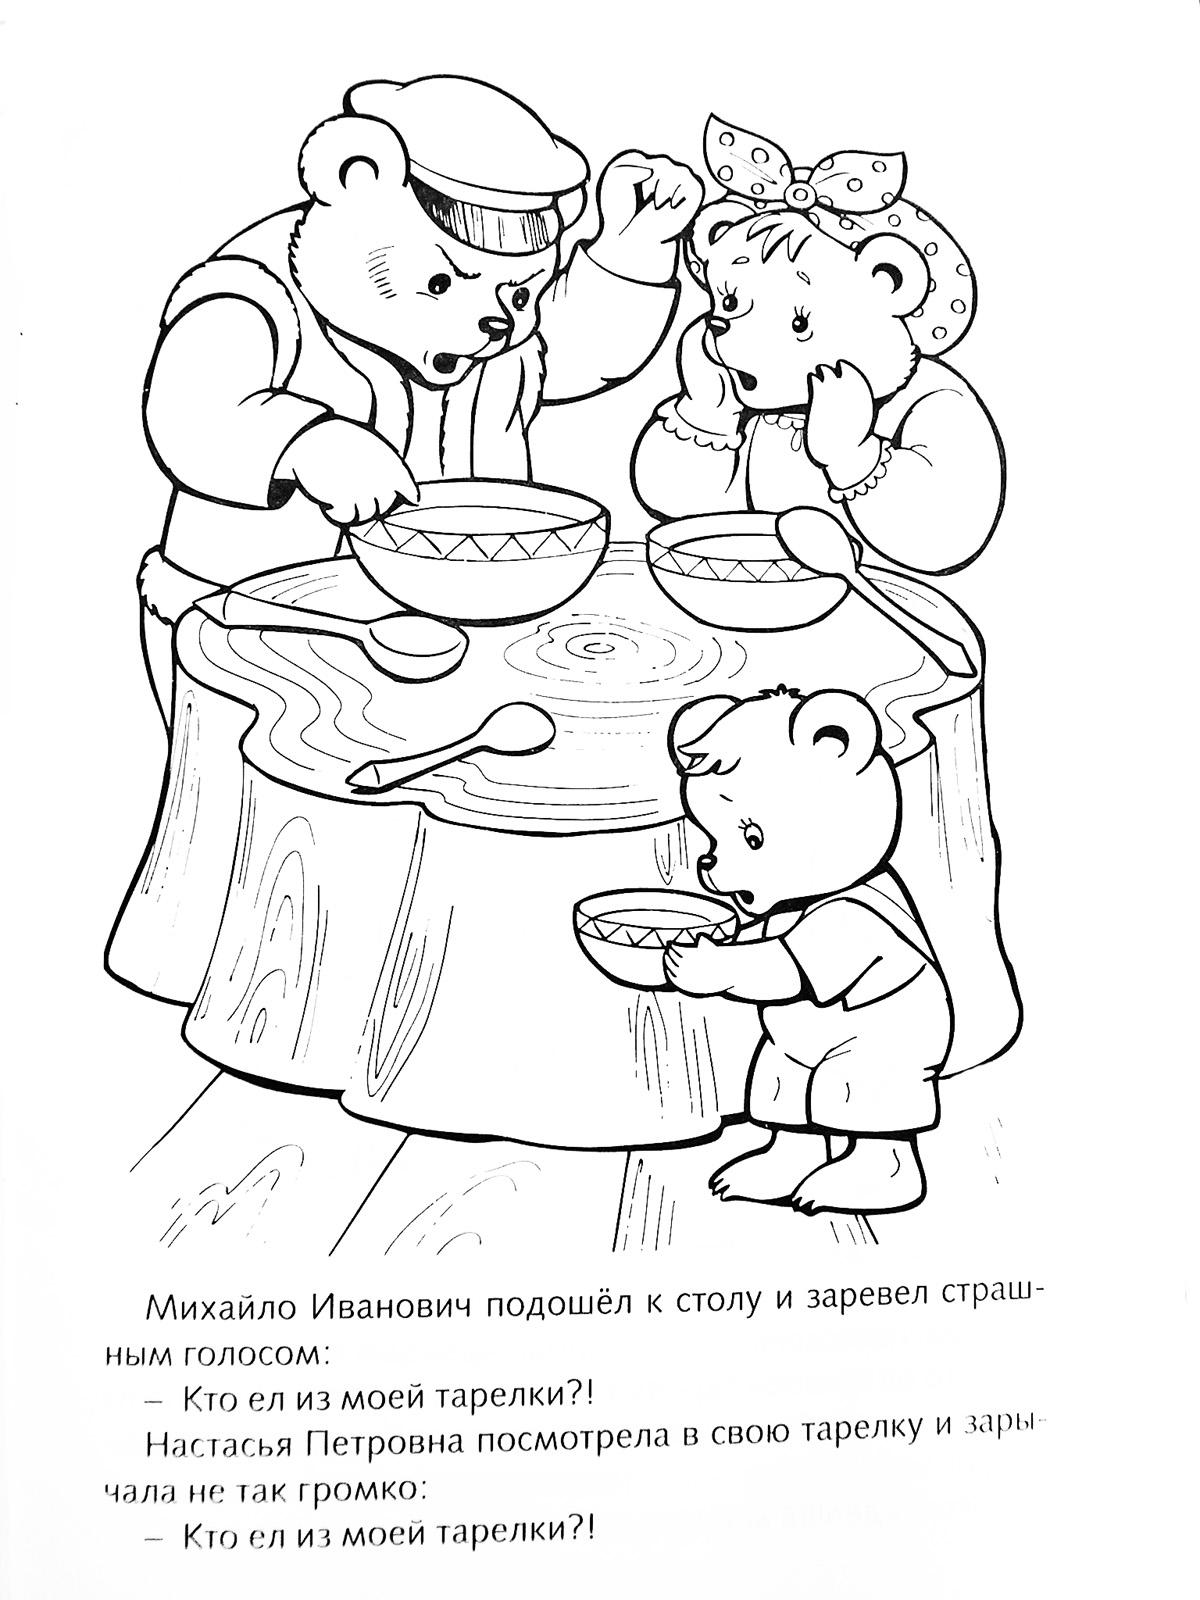 Розмальовки Розмальовки по казках розмальовки до казки три ведмеді, три ведмедя роздрукувати розмальовки